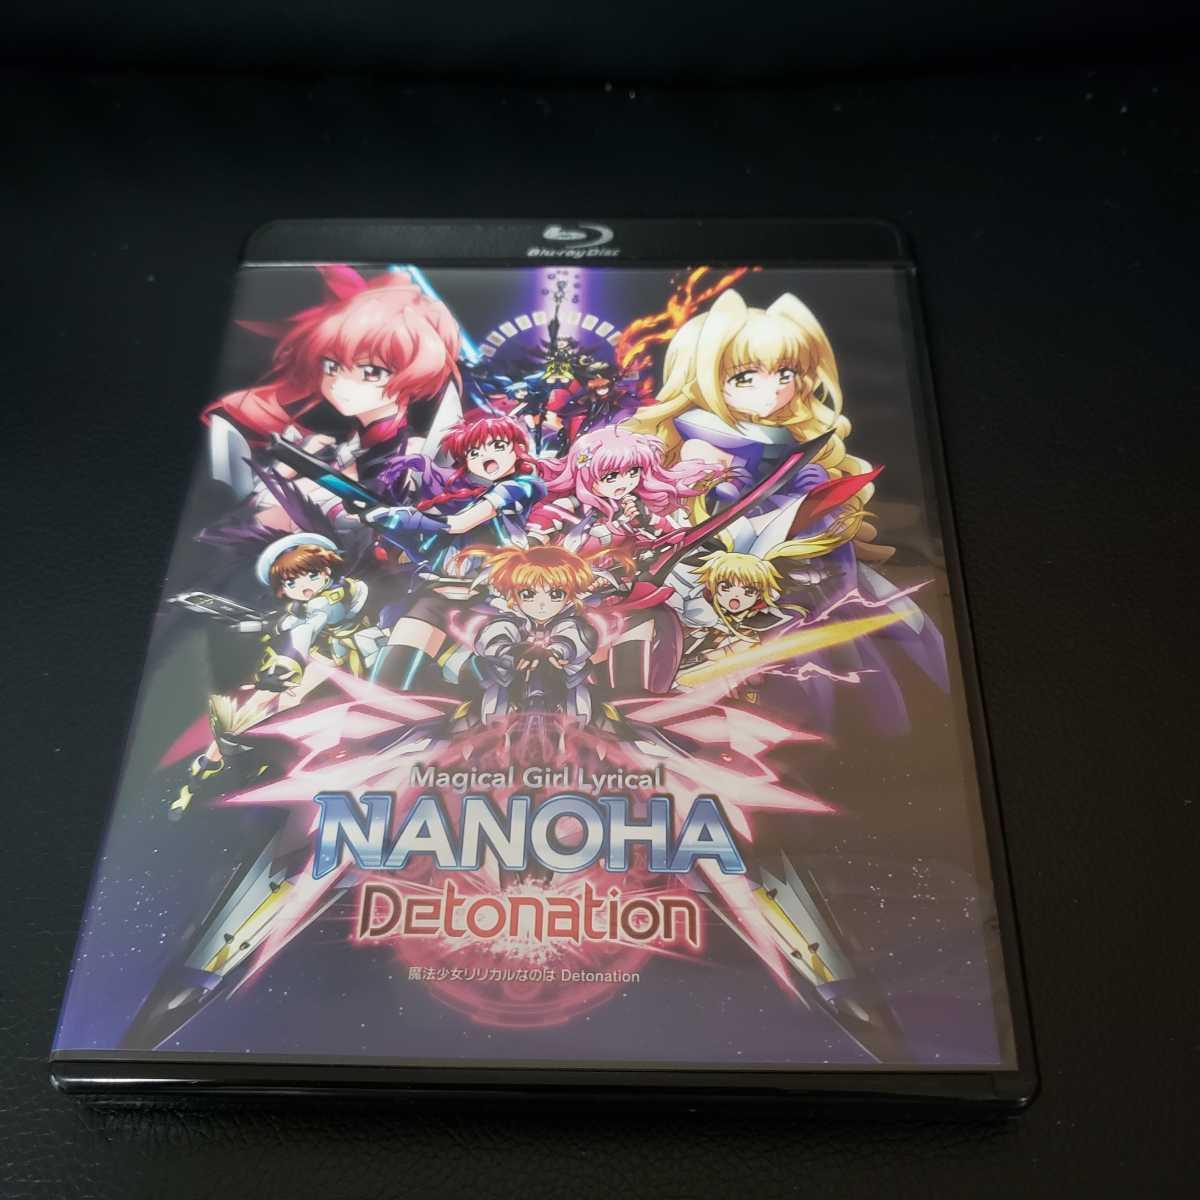 【送料無料】魔法少女リリカルなのは Detonation Blu-ray DVD Magical Girl Lyrical